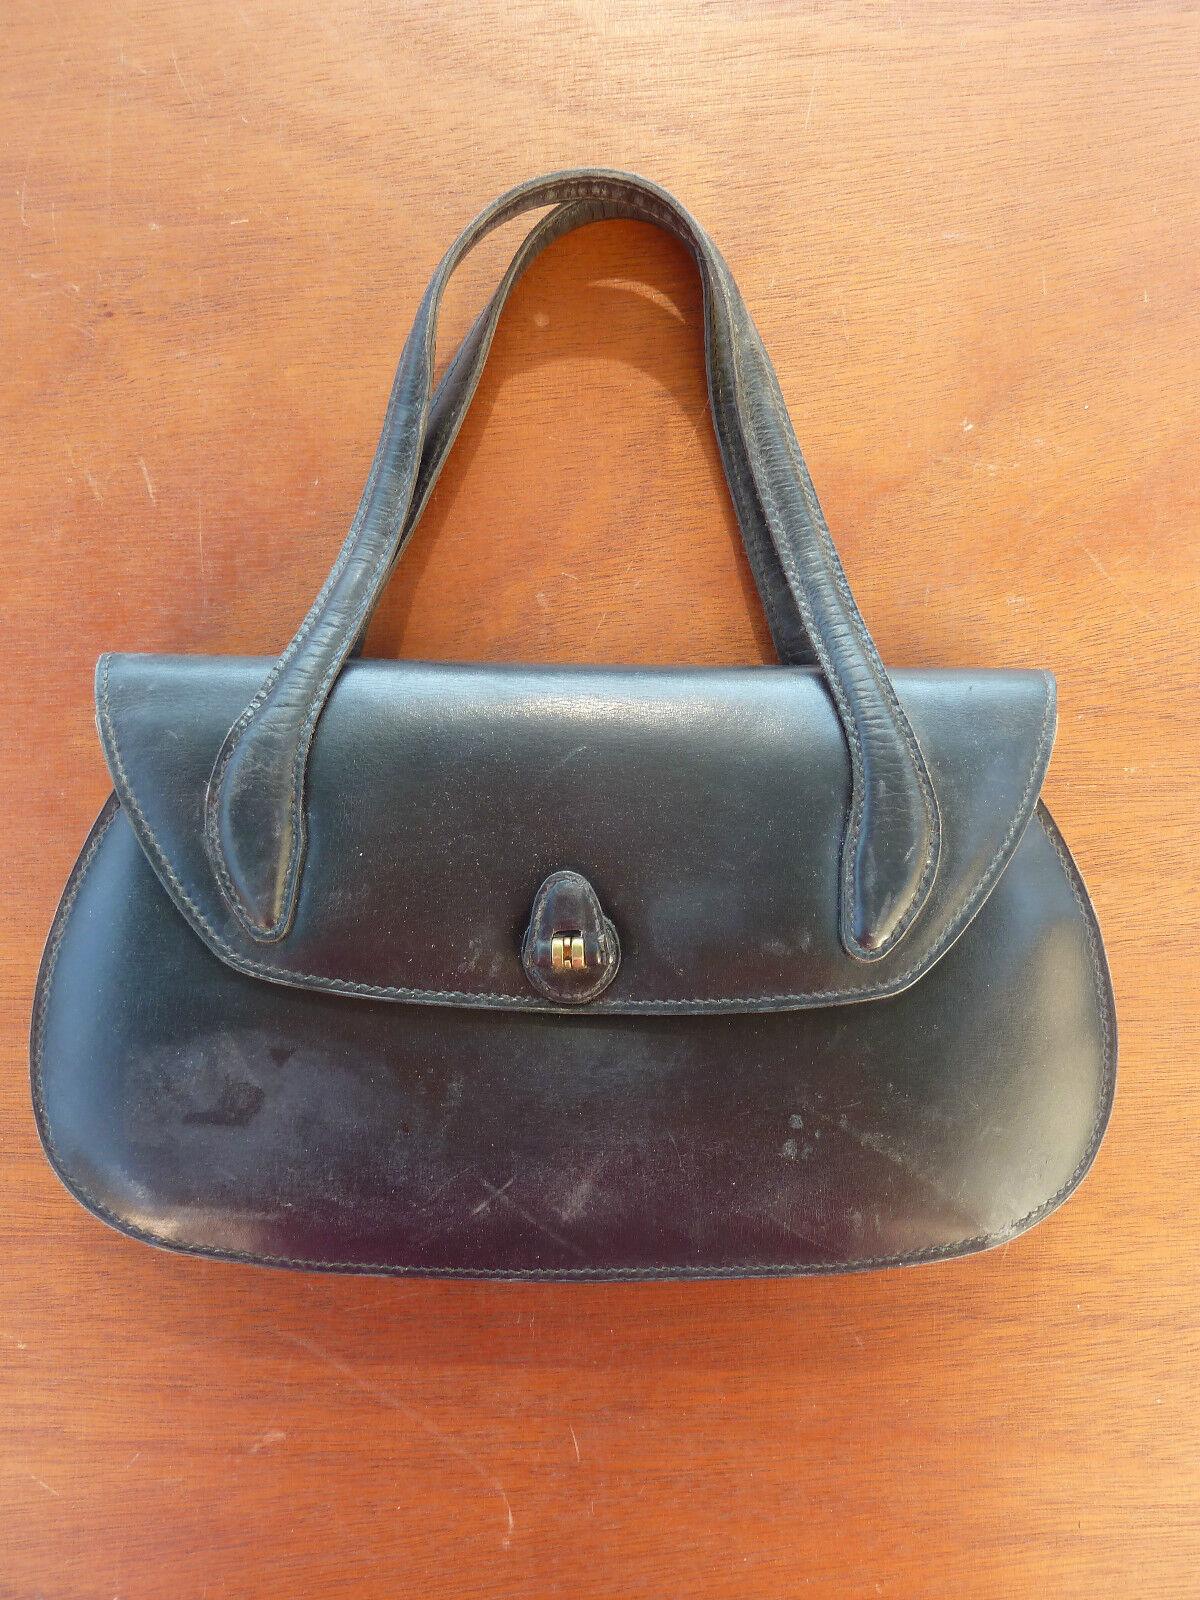 Tasche leder vintage 1950 | Hohe Qualität und Wirtschaftlichkeit  | Vielfalt